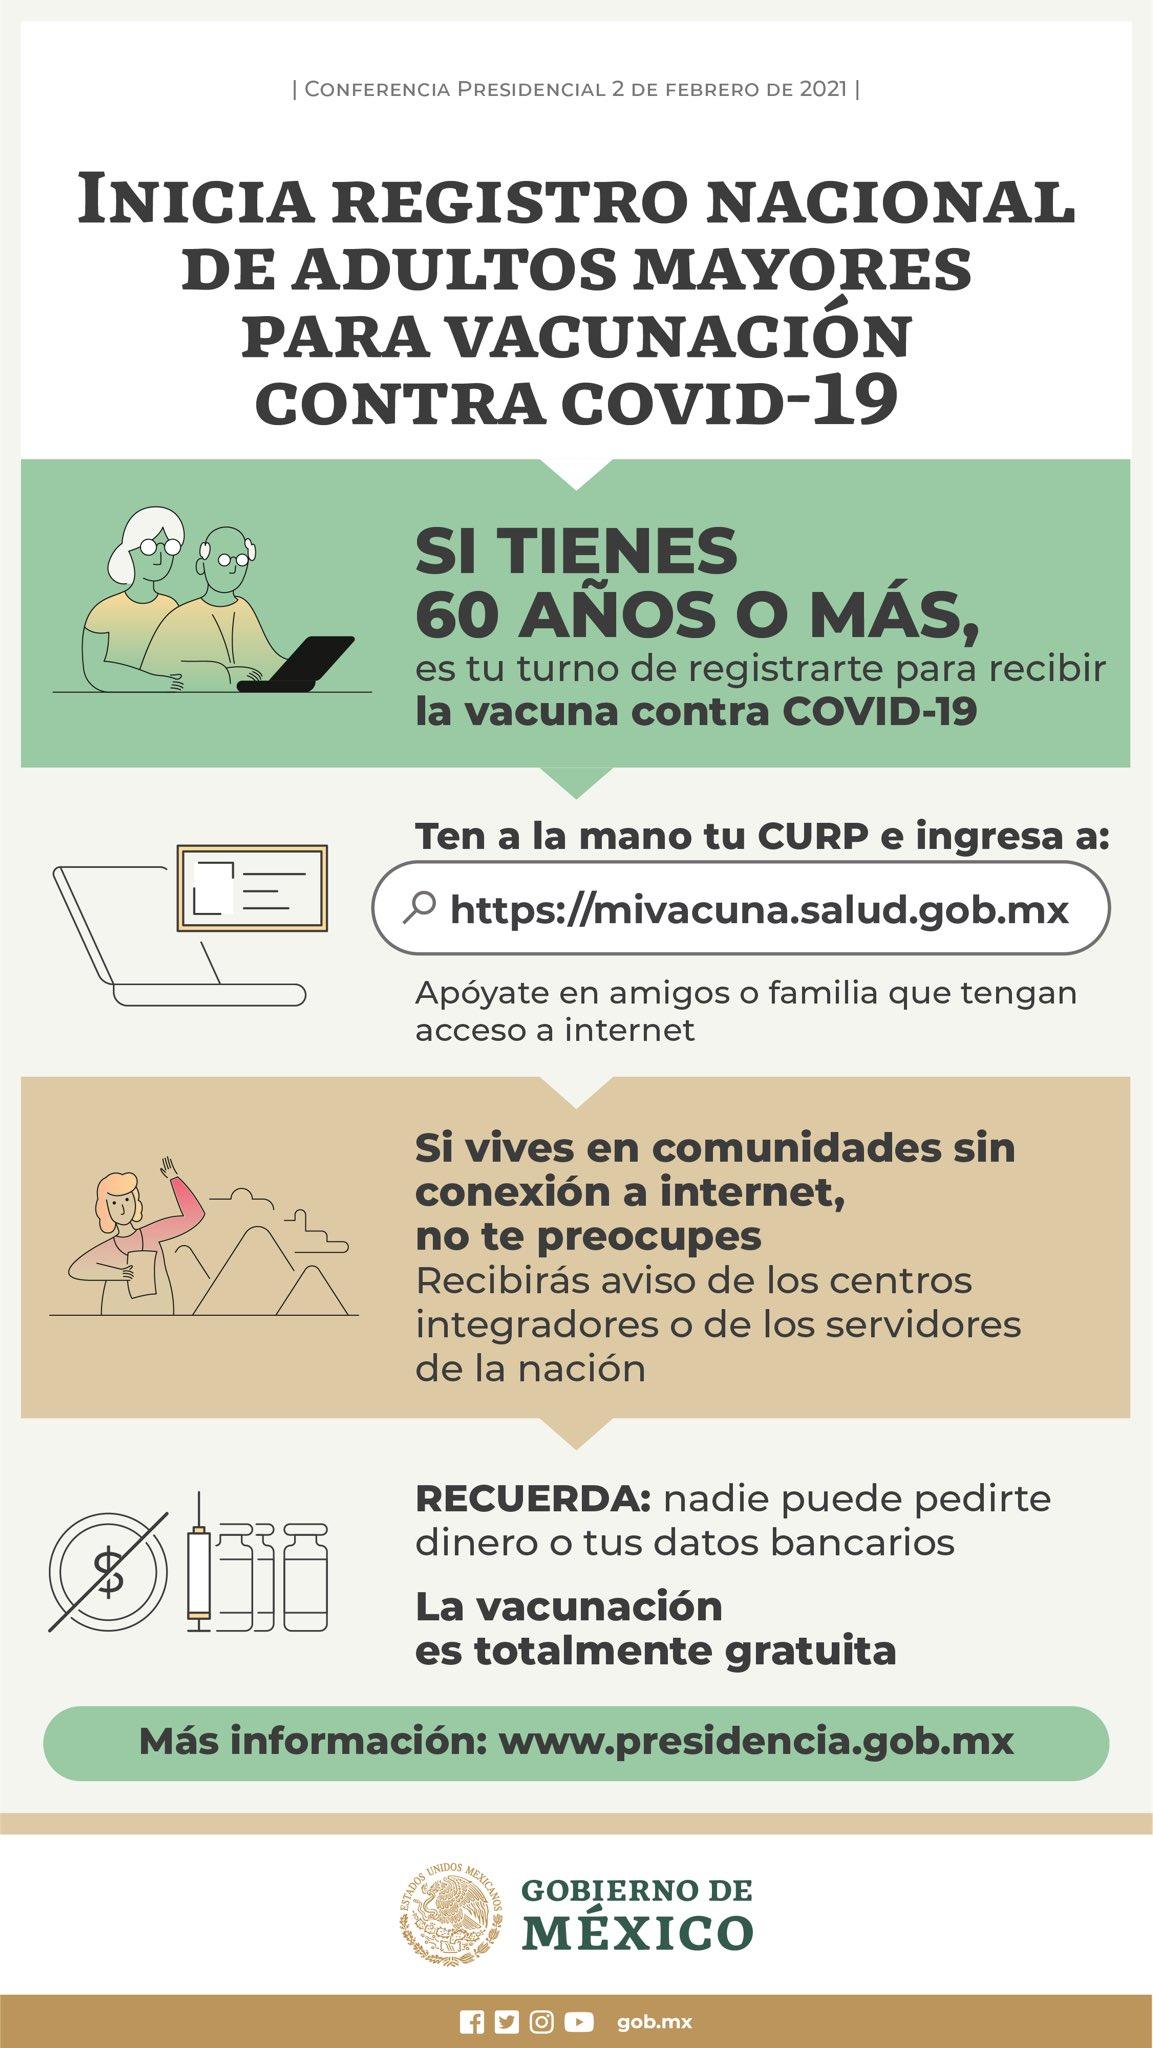 Mexico abre el registro para que adultos mayores de 60 anos puedan recibir la vacuna contra el COVID 19 1